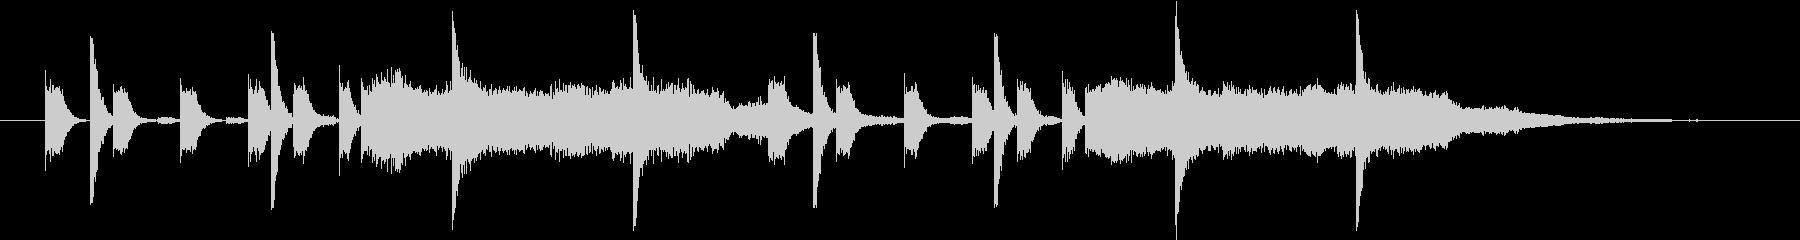 ヴァン・ヘイレン JUMP風のジングルの未再生の波形